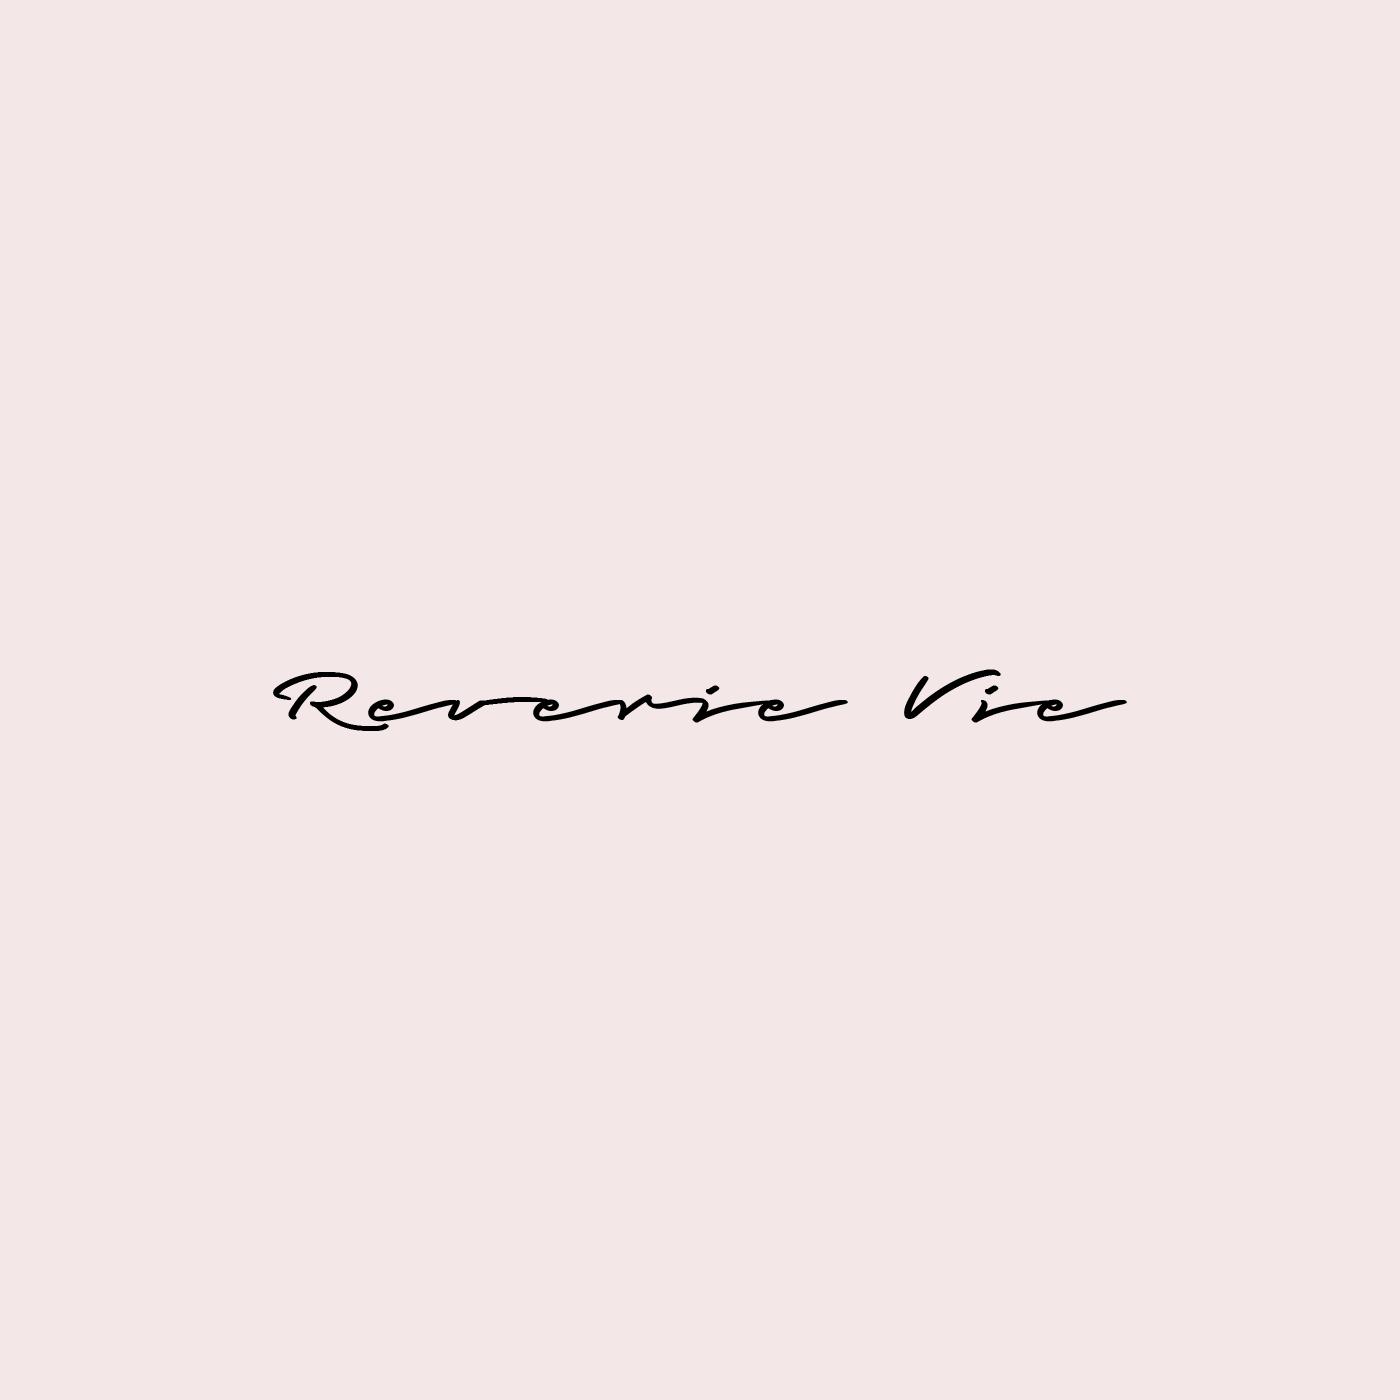 ReverieVie_Logo01.png